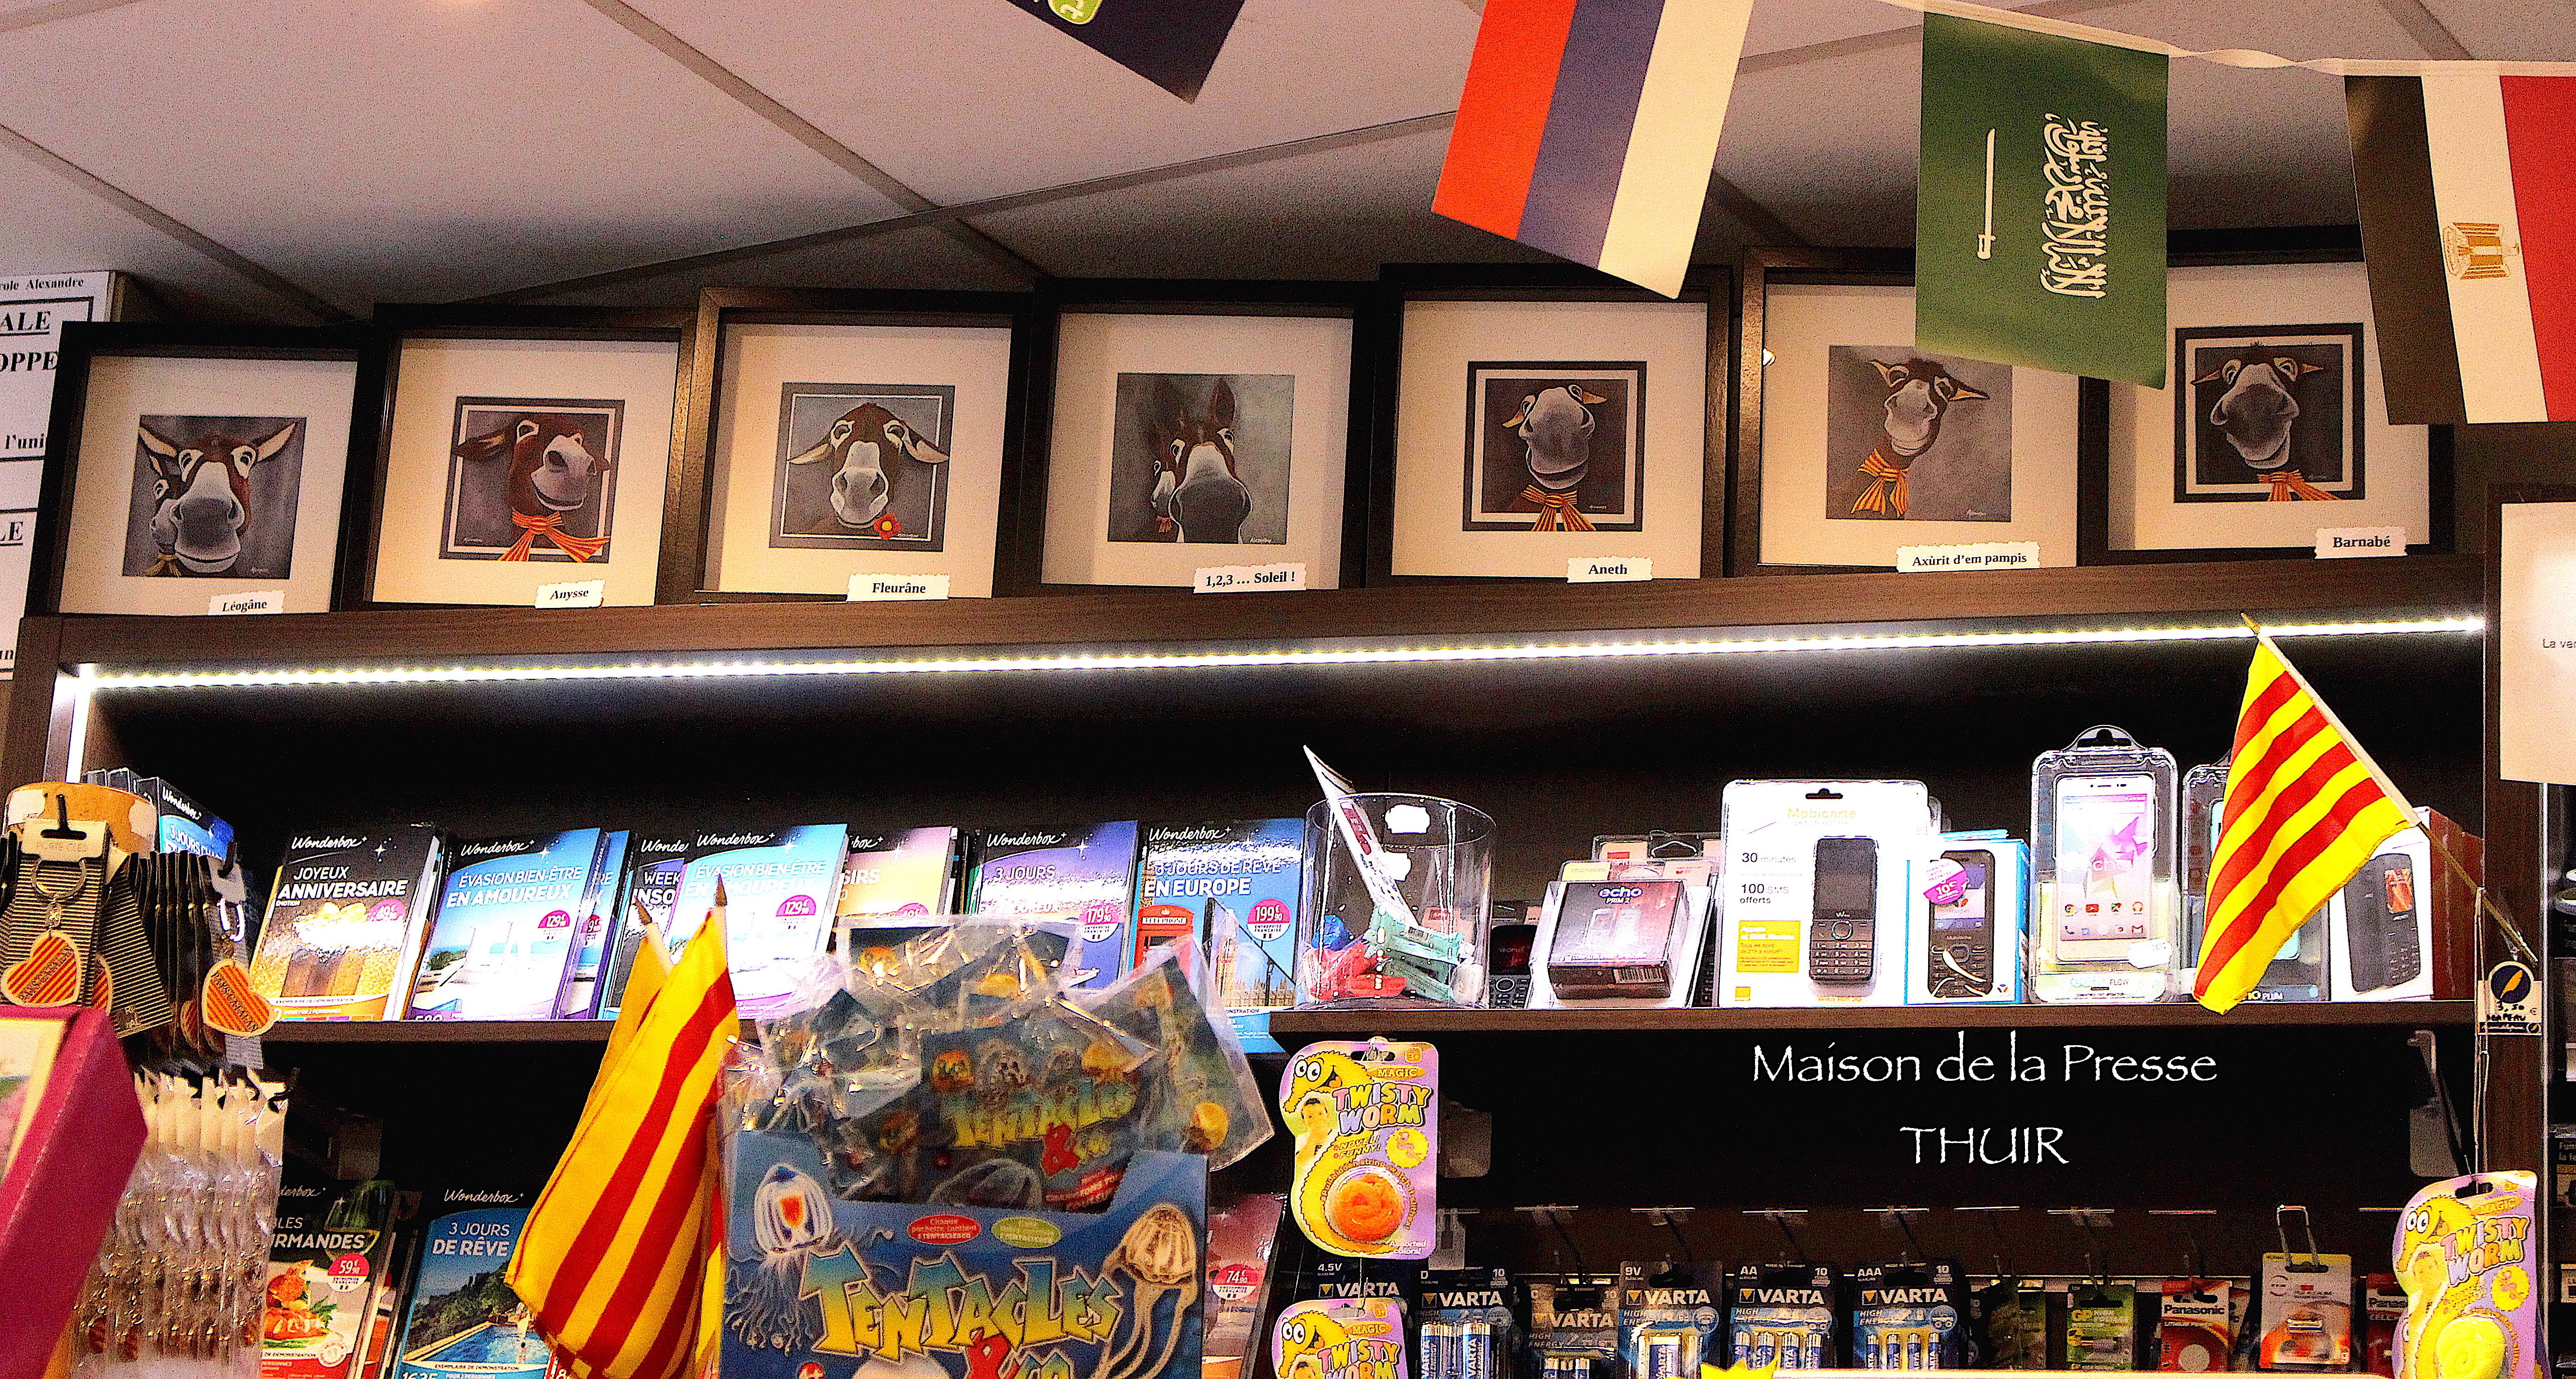 Cartes postales encadrées à la maison de la presse à Thuir